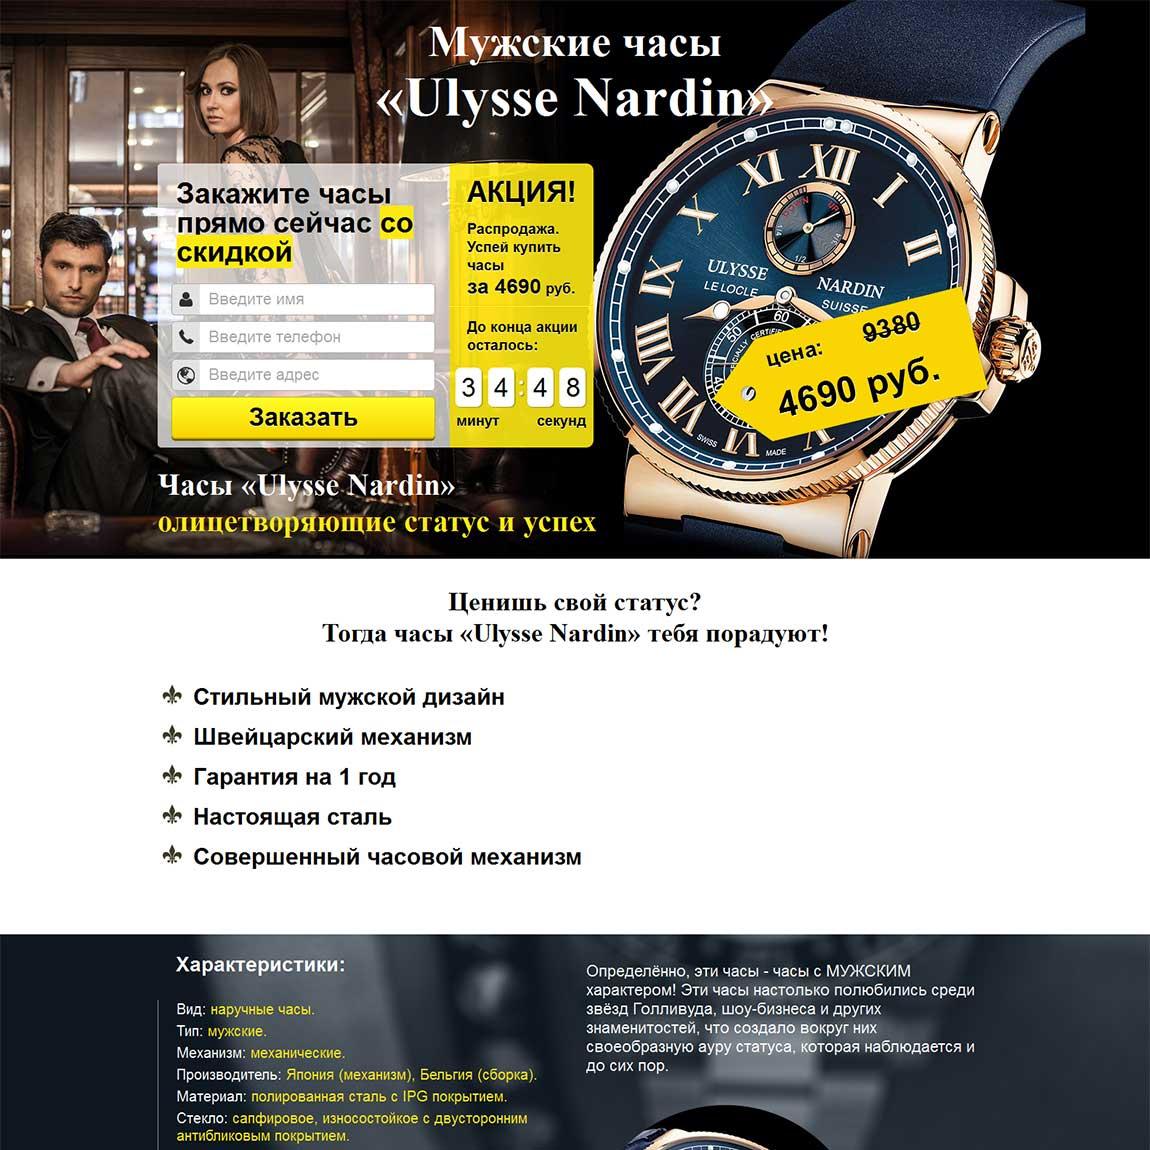 Миниатюра лендинга Часы Ulysse Nardin Suisse 001